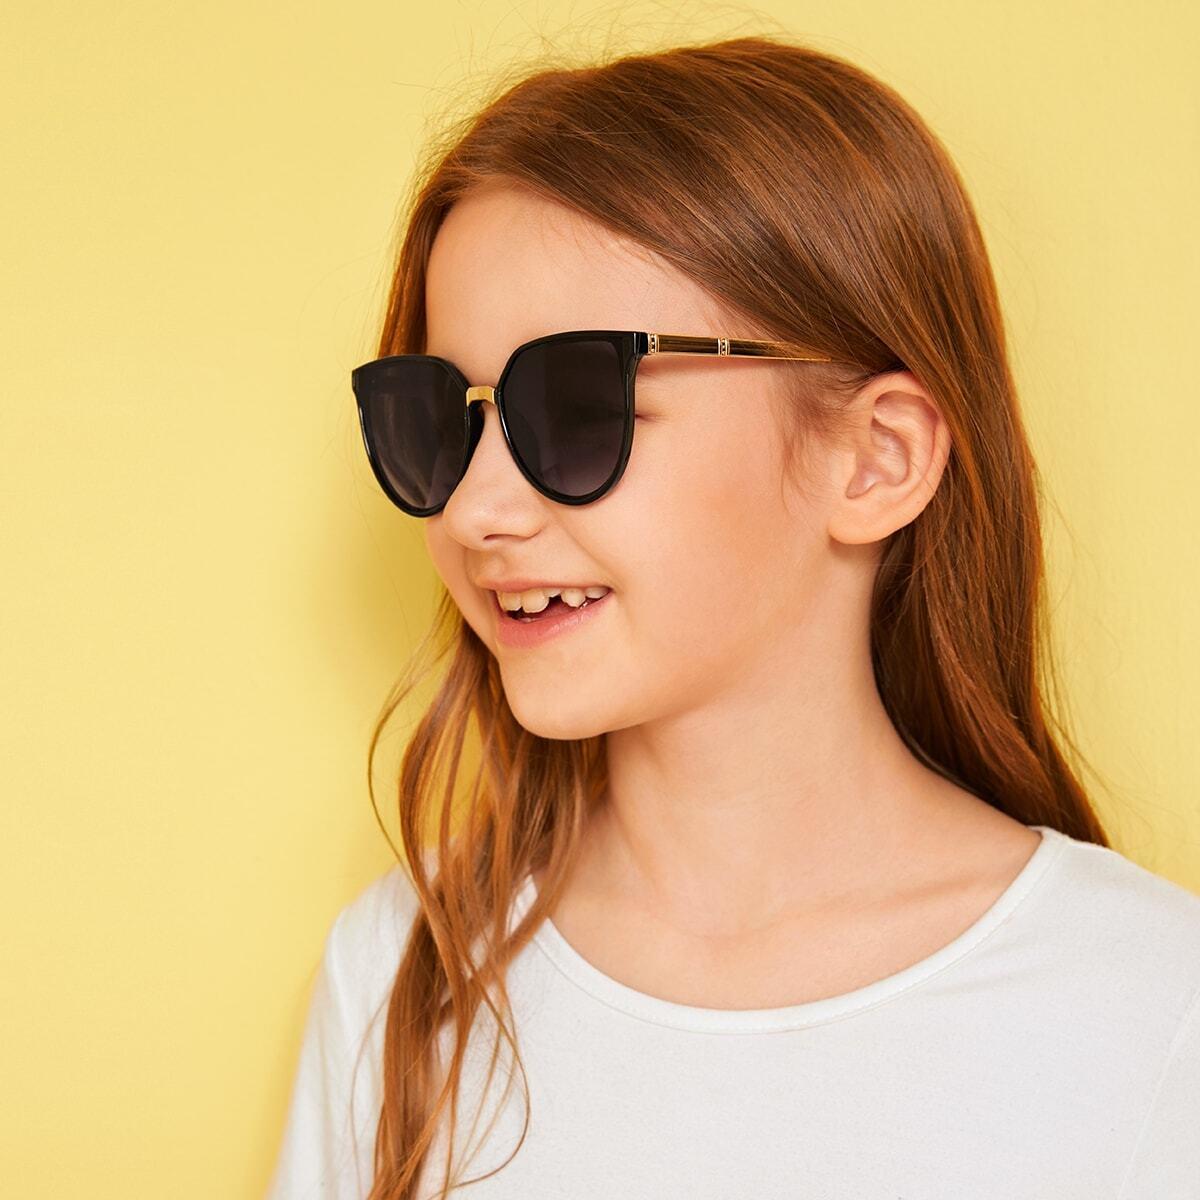 SHEIN / Kinder Sonnenbrille mit festem Rahmen und flacher Linse